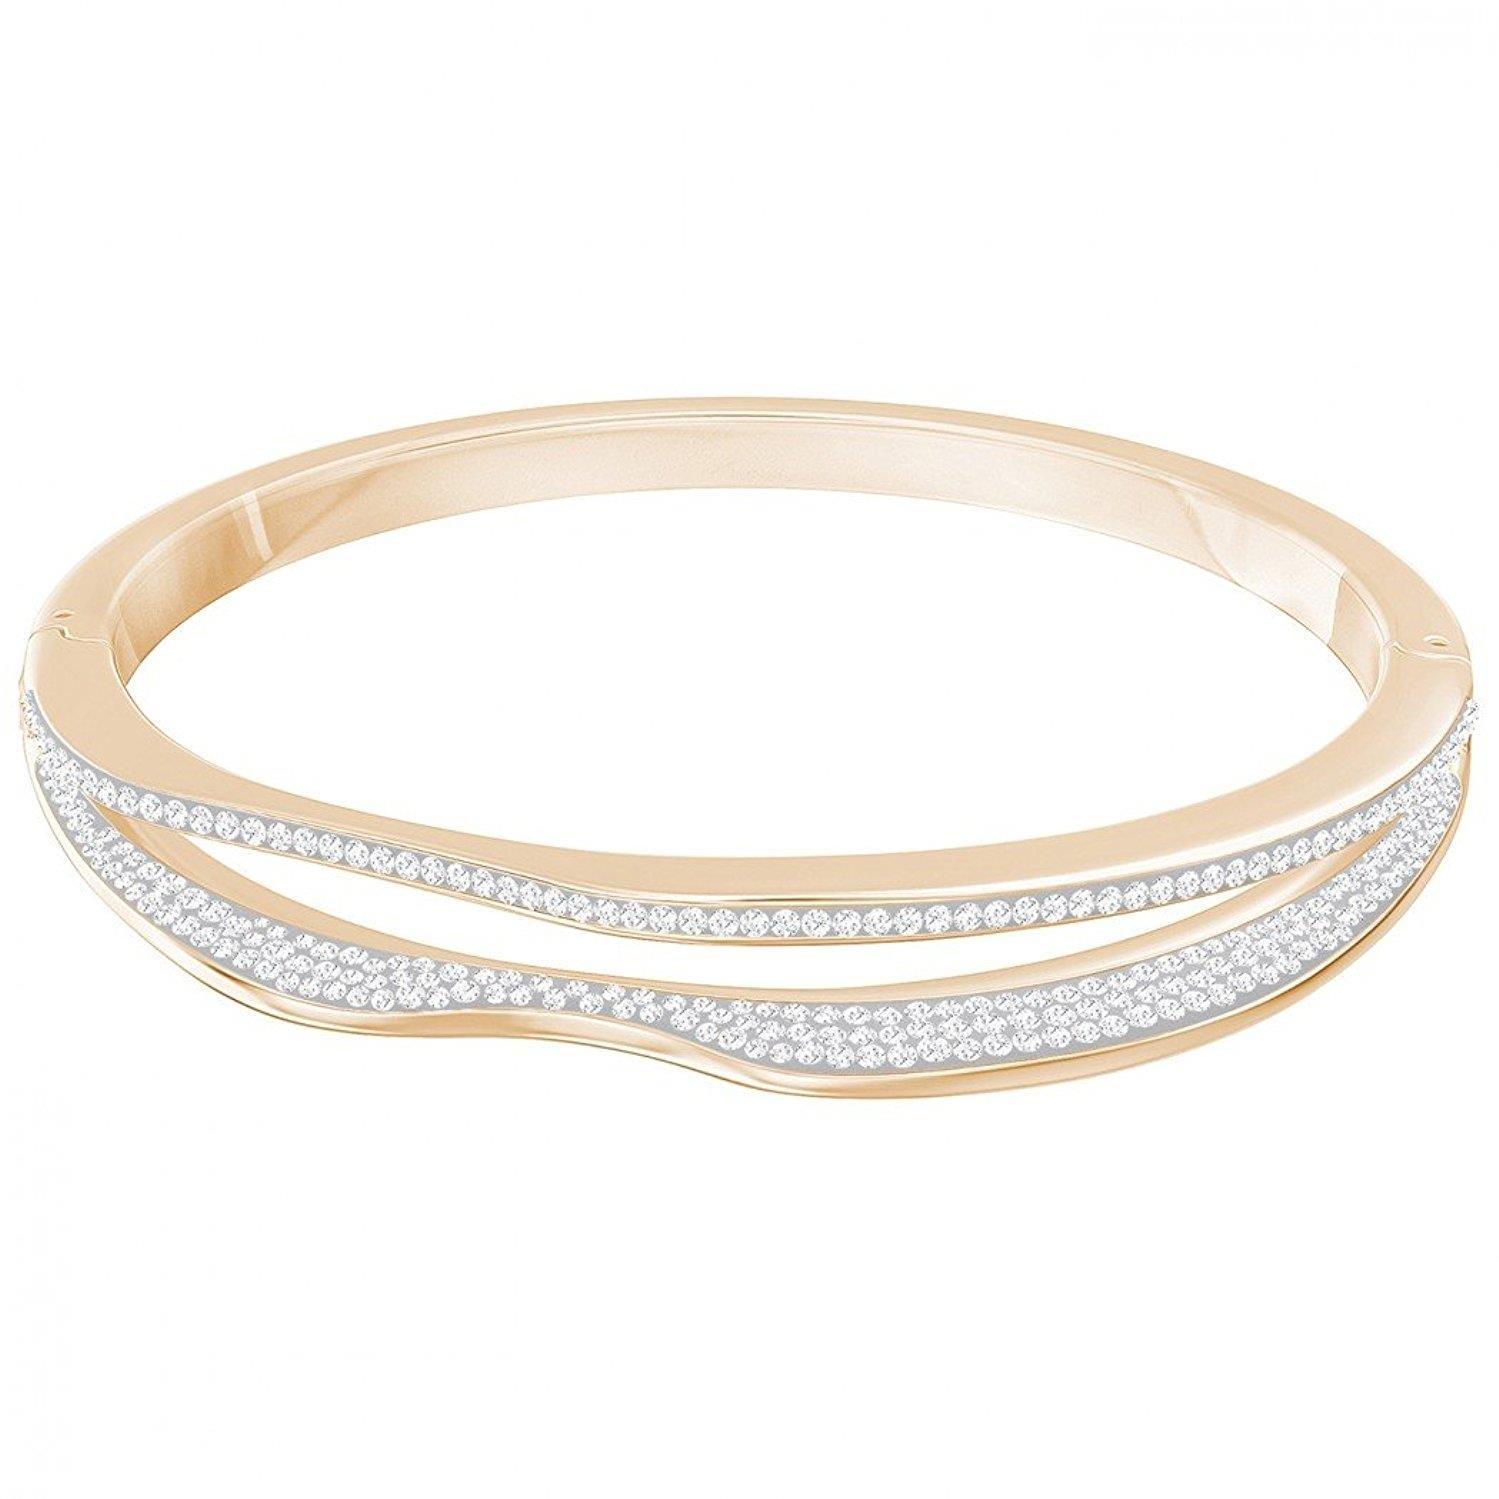 fe8af9ec622f3 Swarovski HILLY NARROW BANGLE 5350668: Amazon.co.uk: Jewellery